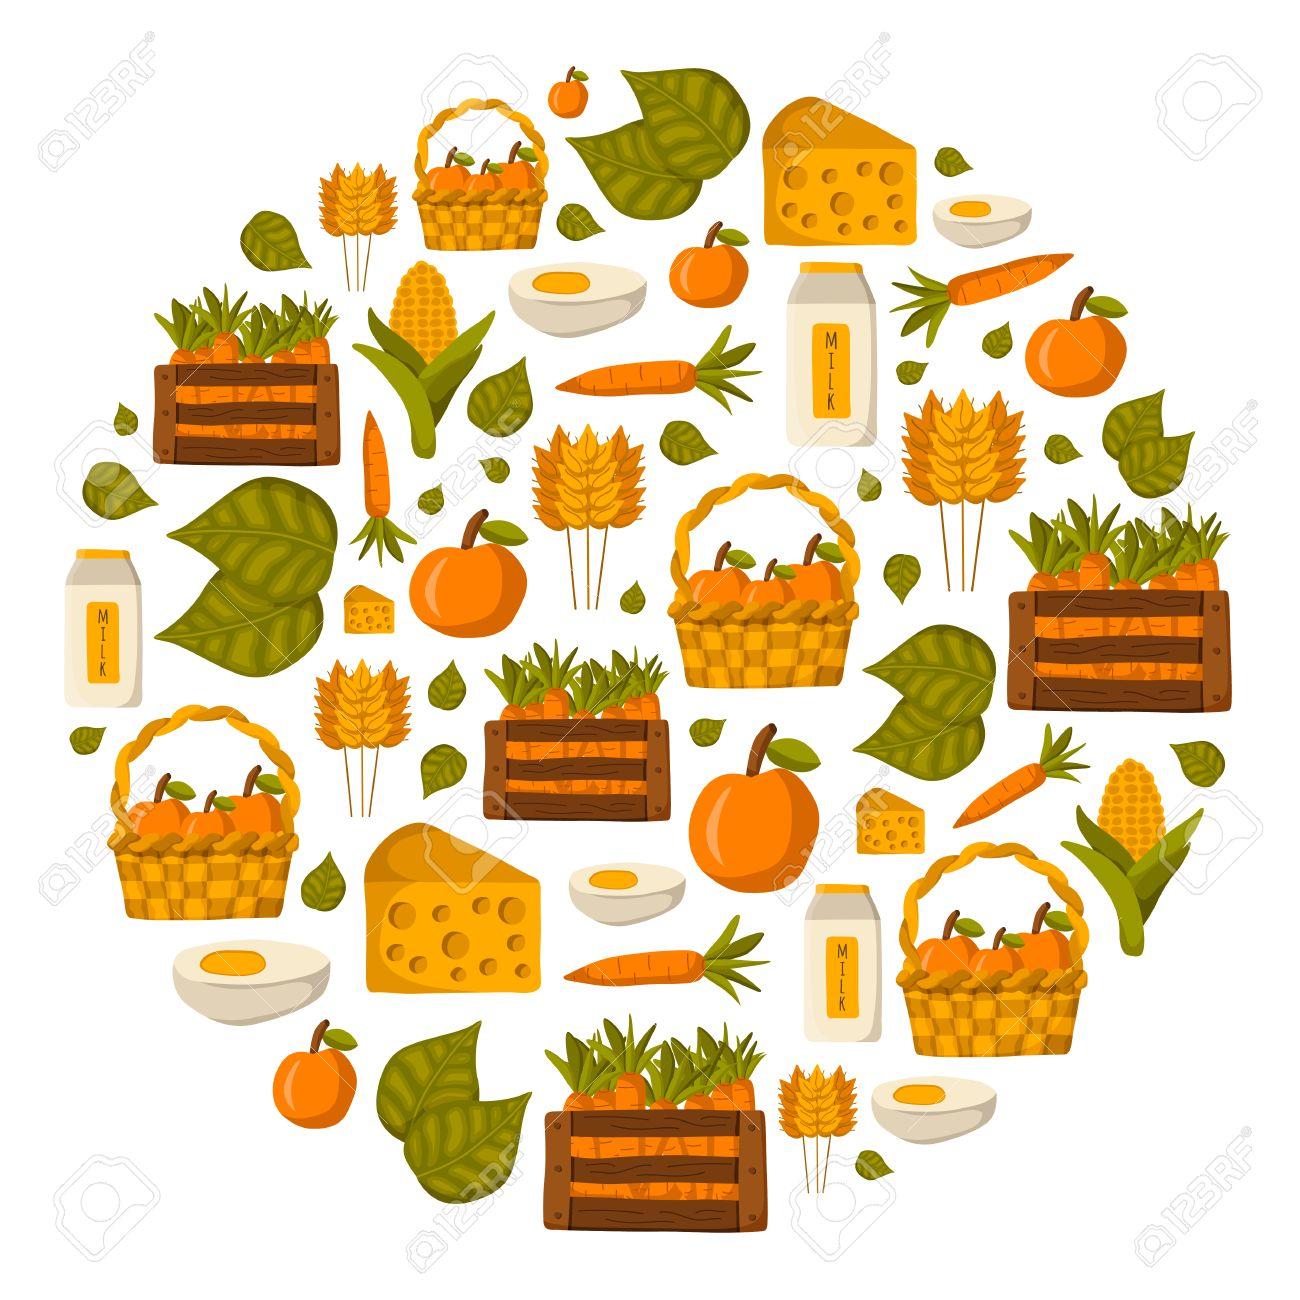 Čehić Mihret - proizvodnja i prodaja mlijeka i mliječnih proizvoda, prodaja organskog povrća i voća, Zenica